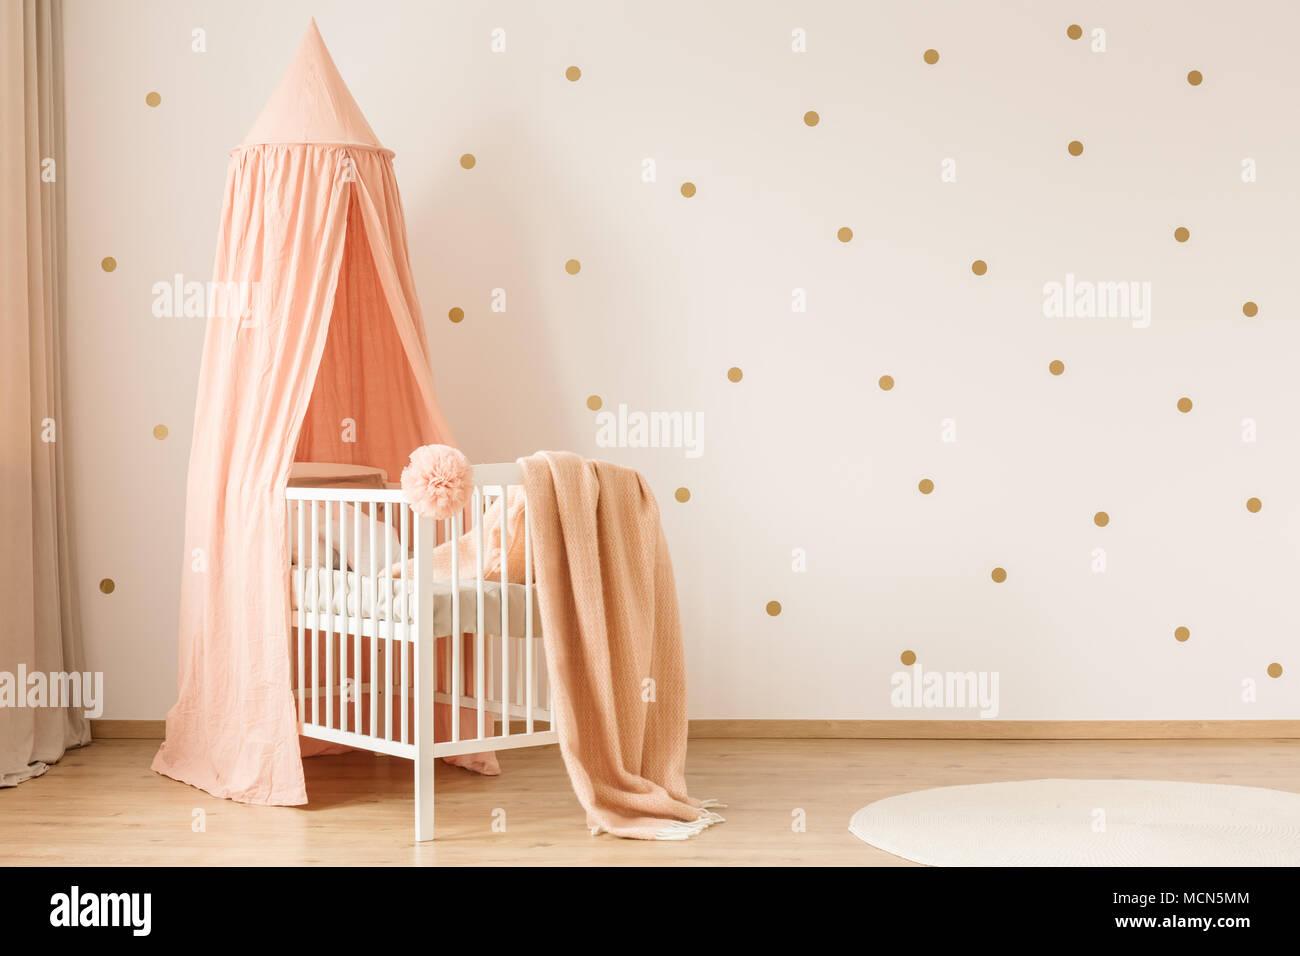 Rosa Decke Auf Weissen Kinderbett Gegen Tapete Mit Gold Punkte In